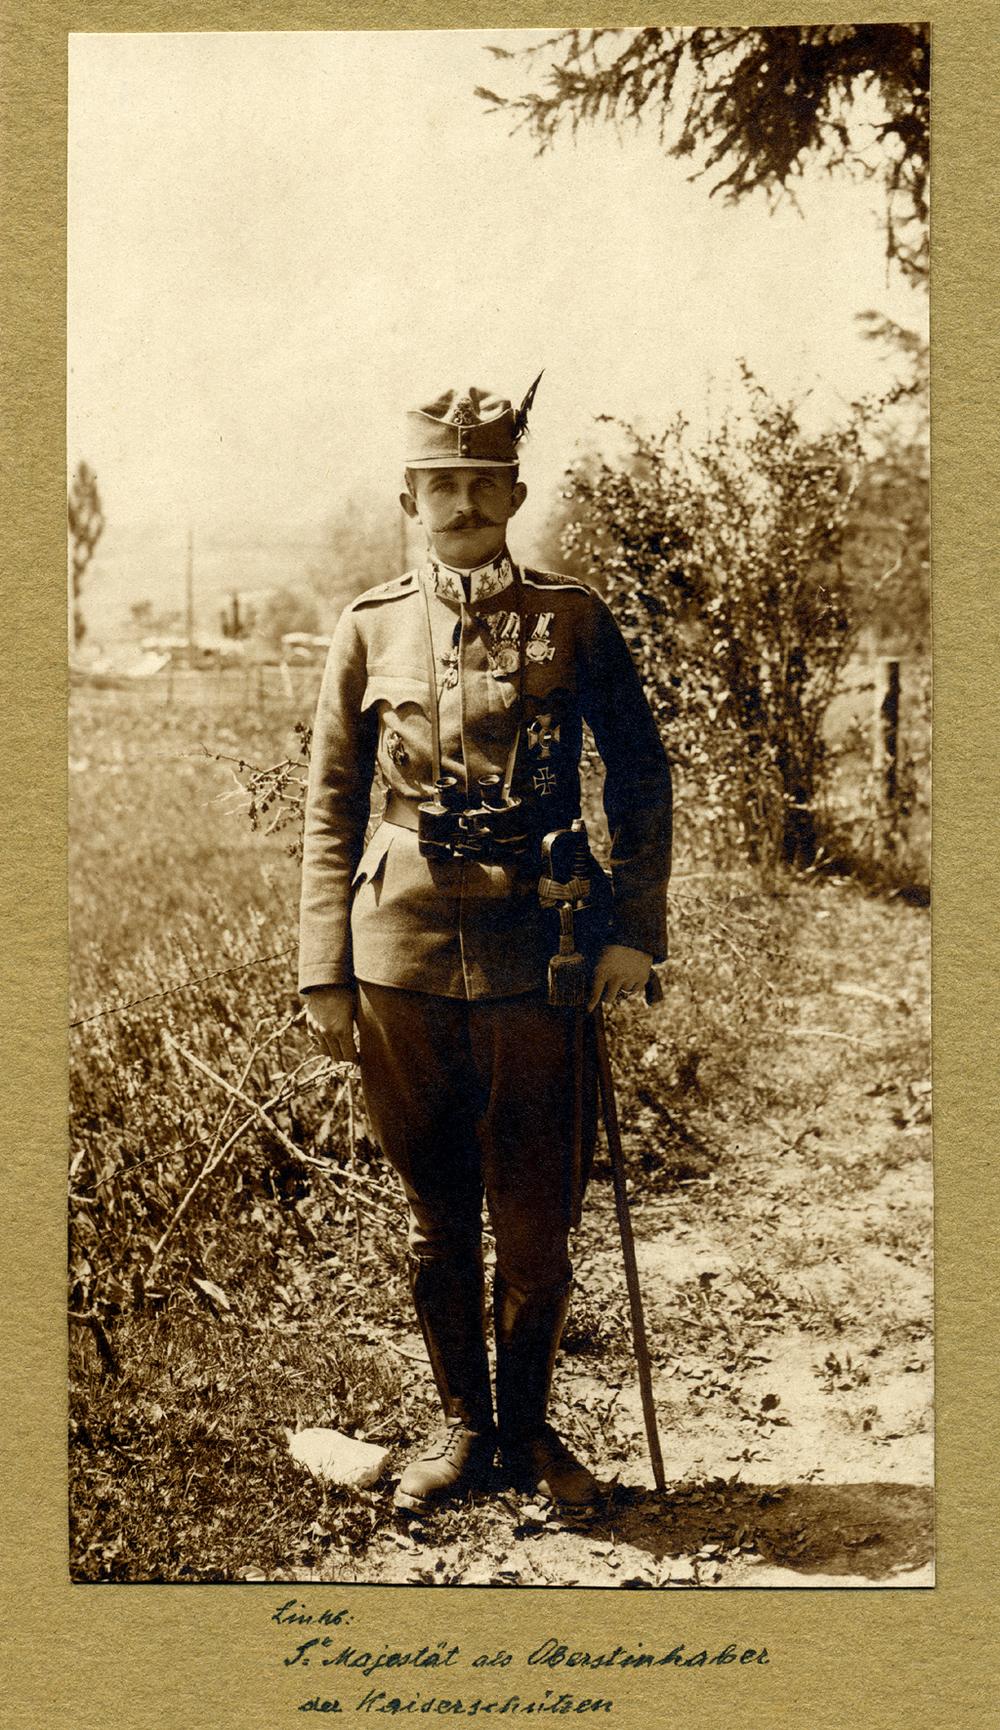 Il Principe Carlo in uniforme da Kaiserjager